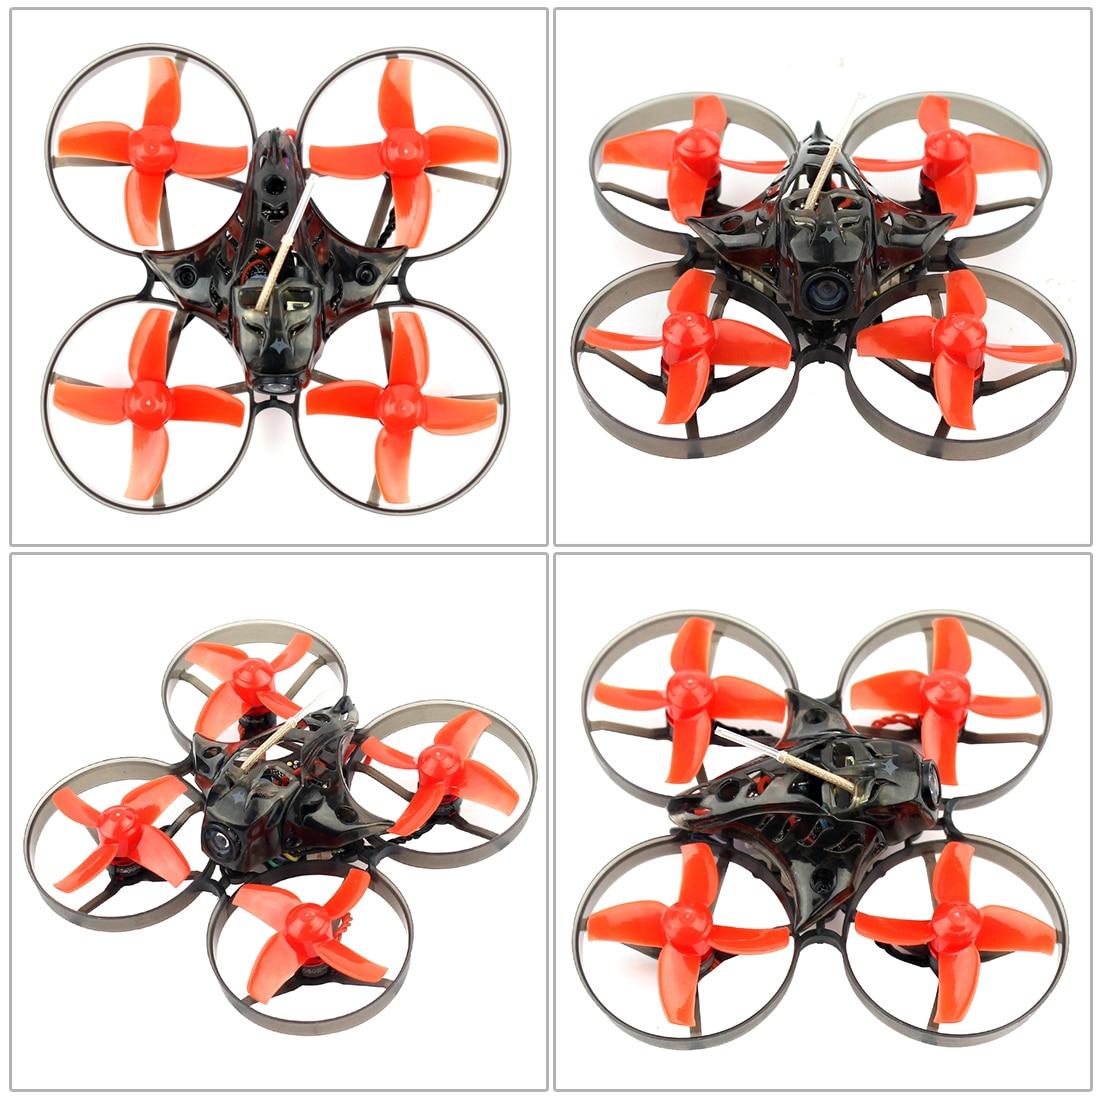 Mobula 7 75 millimetri Crazybee F3 Pro OSD 2 S BWhoop FPV Da Corsa Drone w/700TVL Fotocamera BNF con extra 10 pairs elica